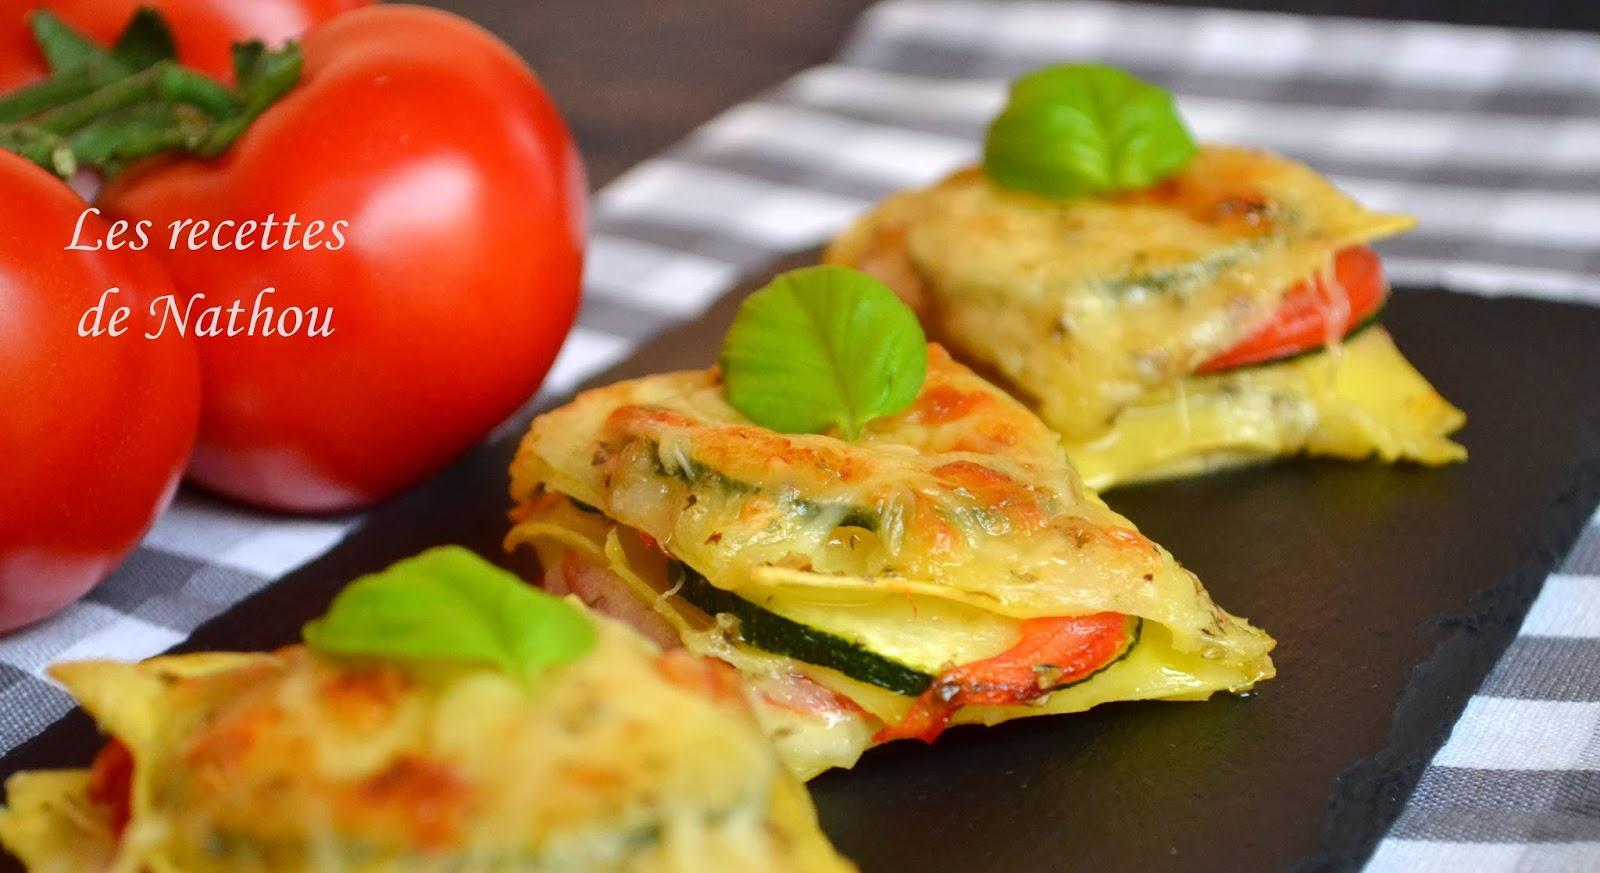 Lasagne Idee Recette.Ma Cuisine Au Fil De Mes Idees Mini Lasagnes Pour L Apero